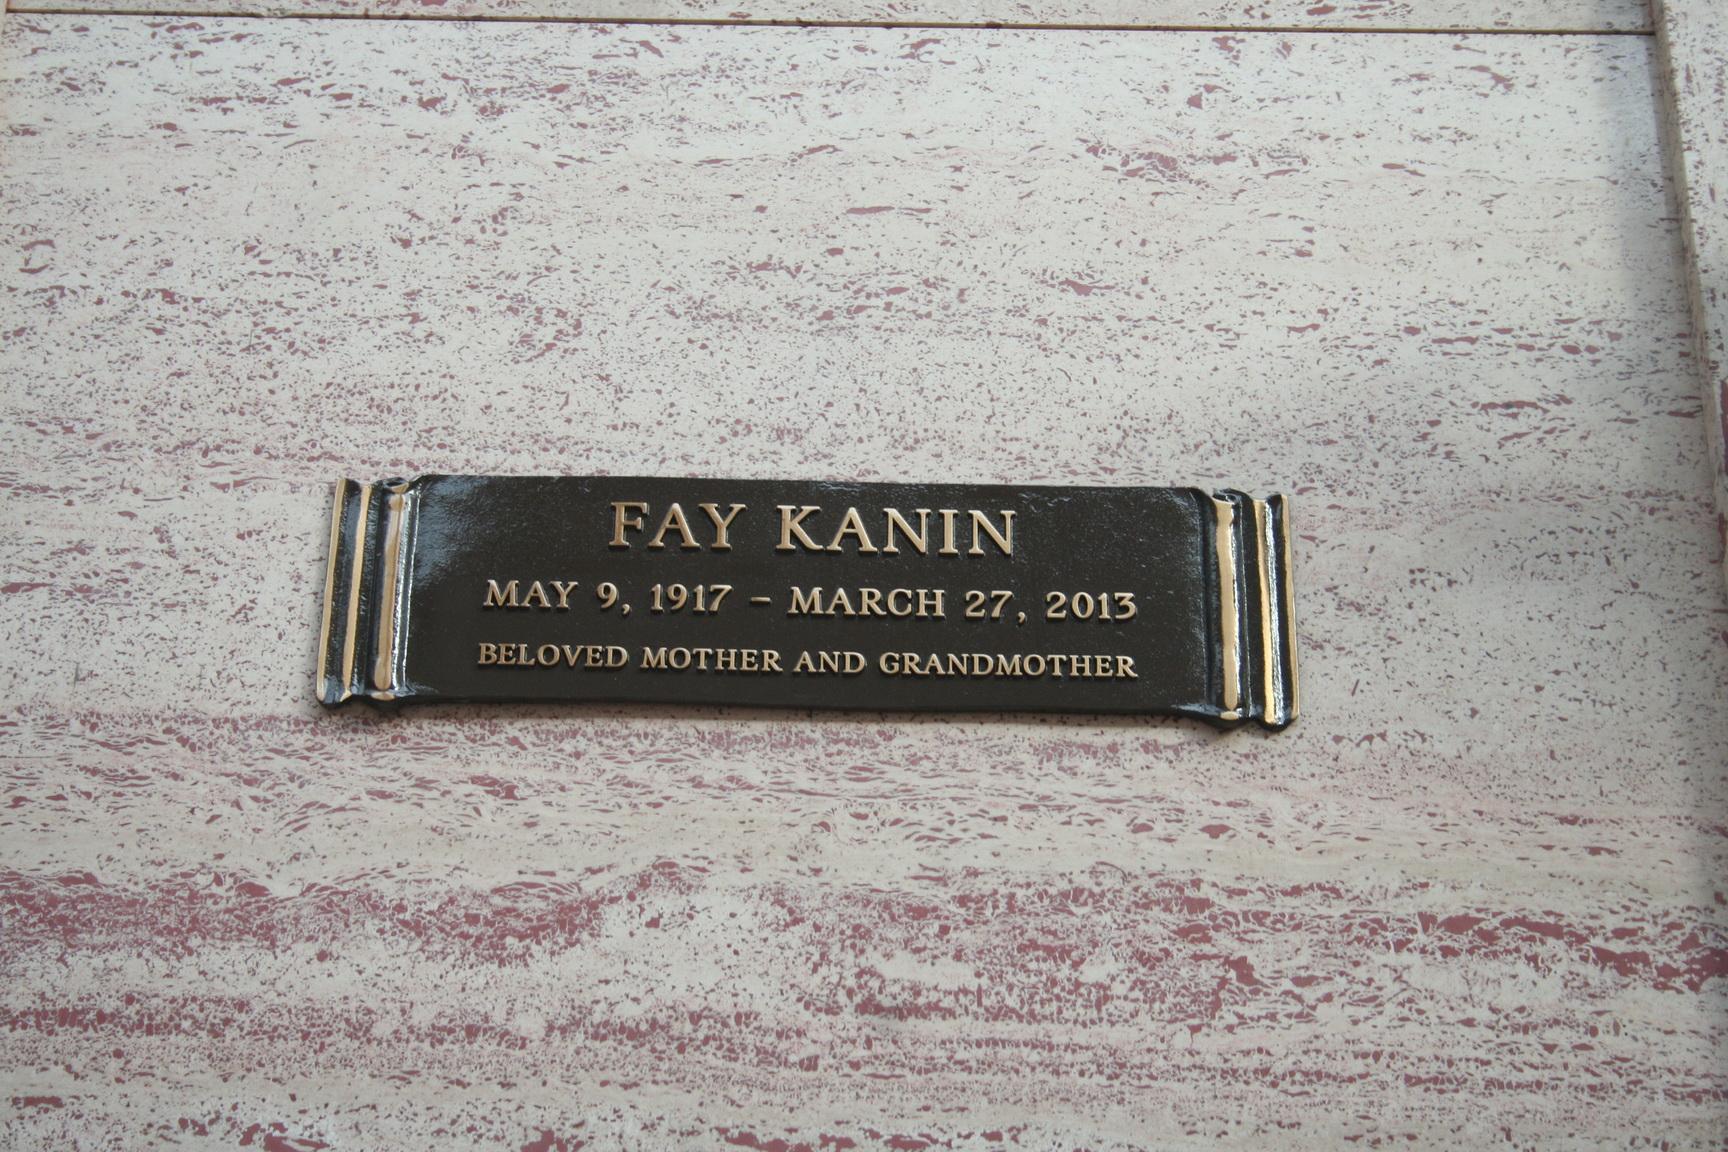 Fay Kanin